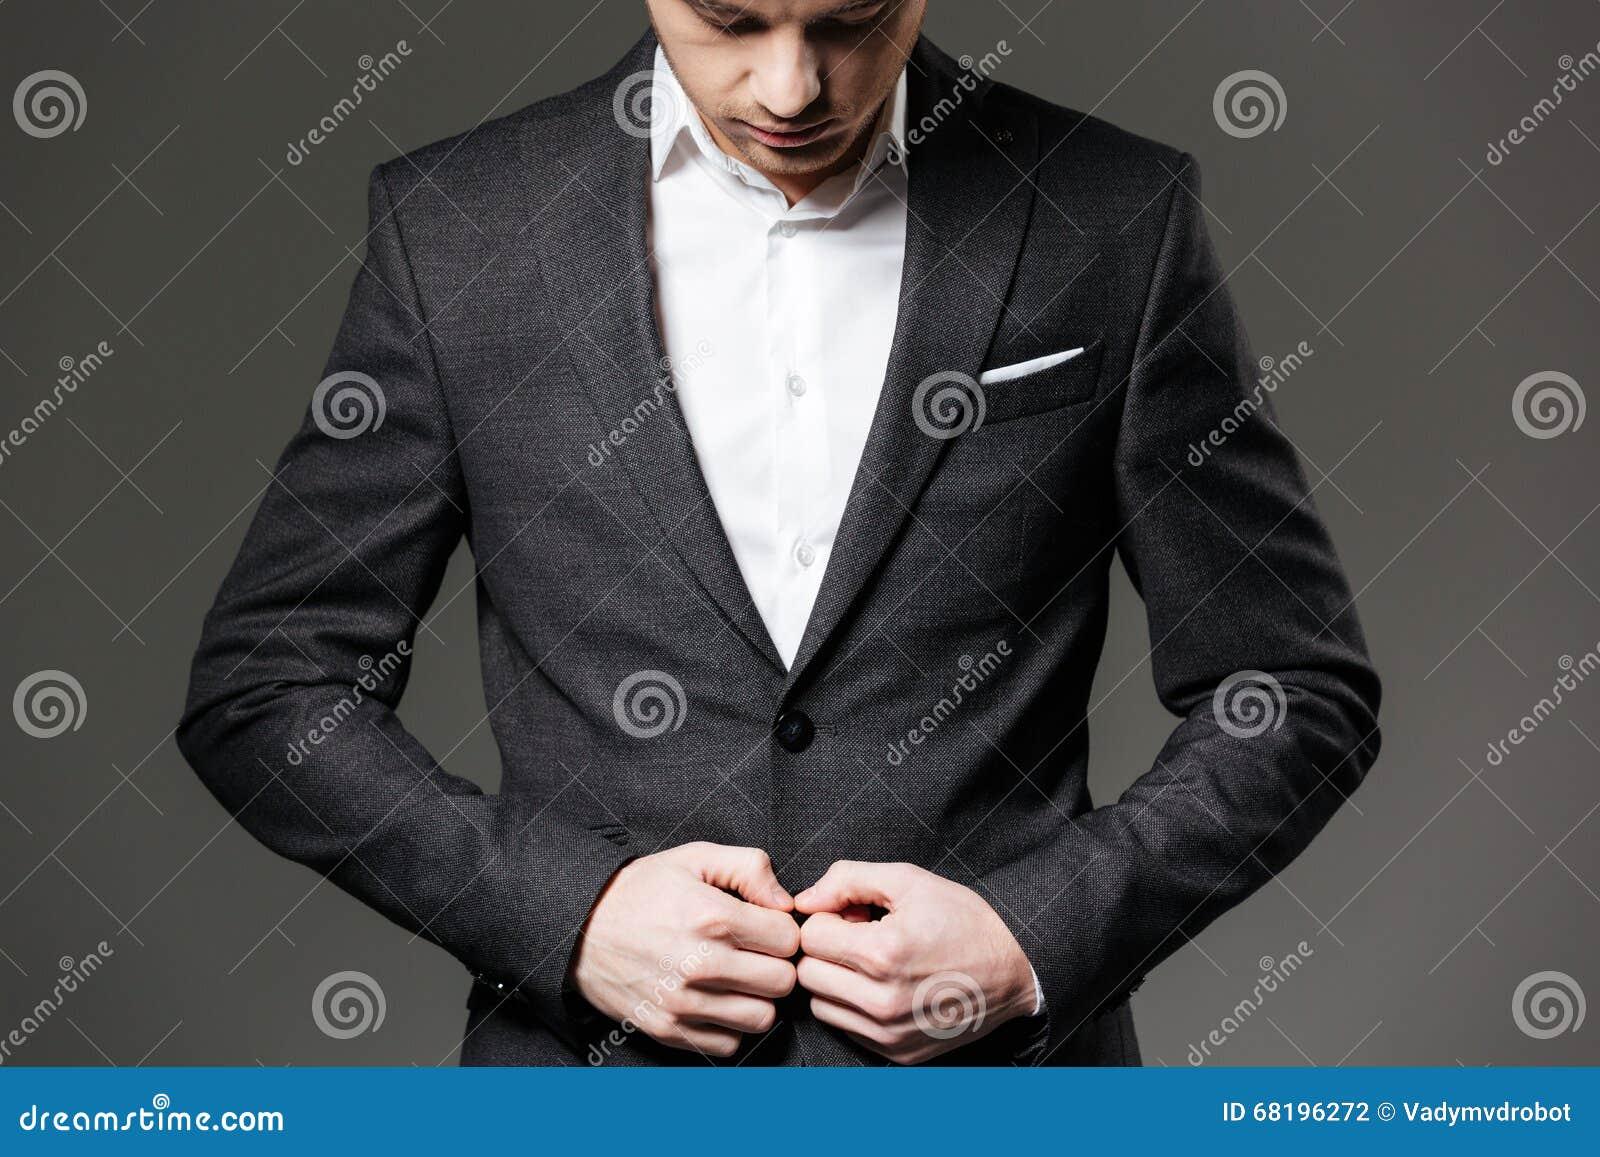 Abito nero e camicia bianca